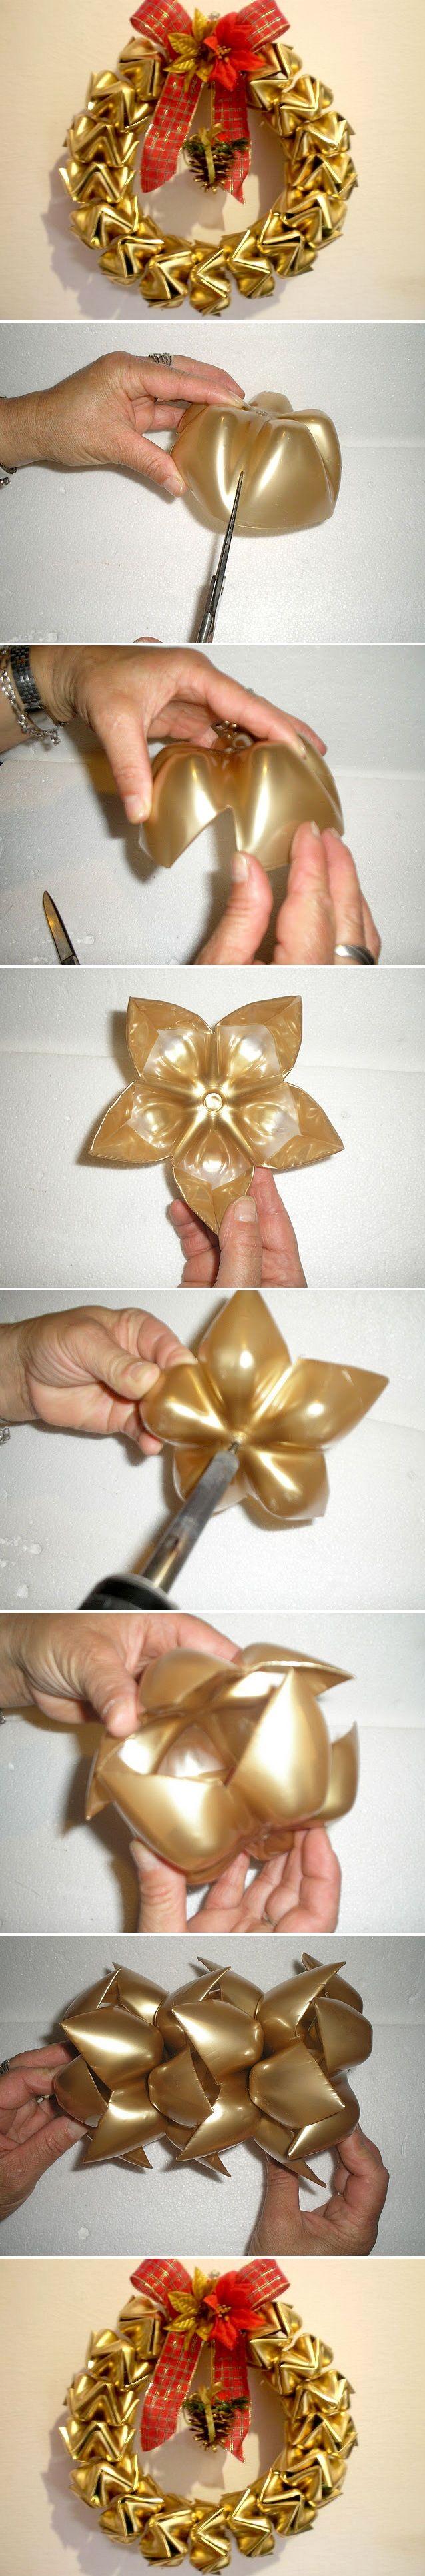 Reciclando también se decora y se celebra Beautiful Christmas